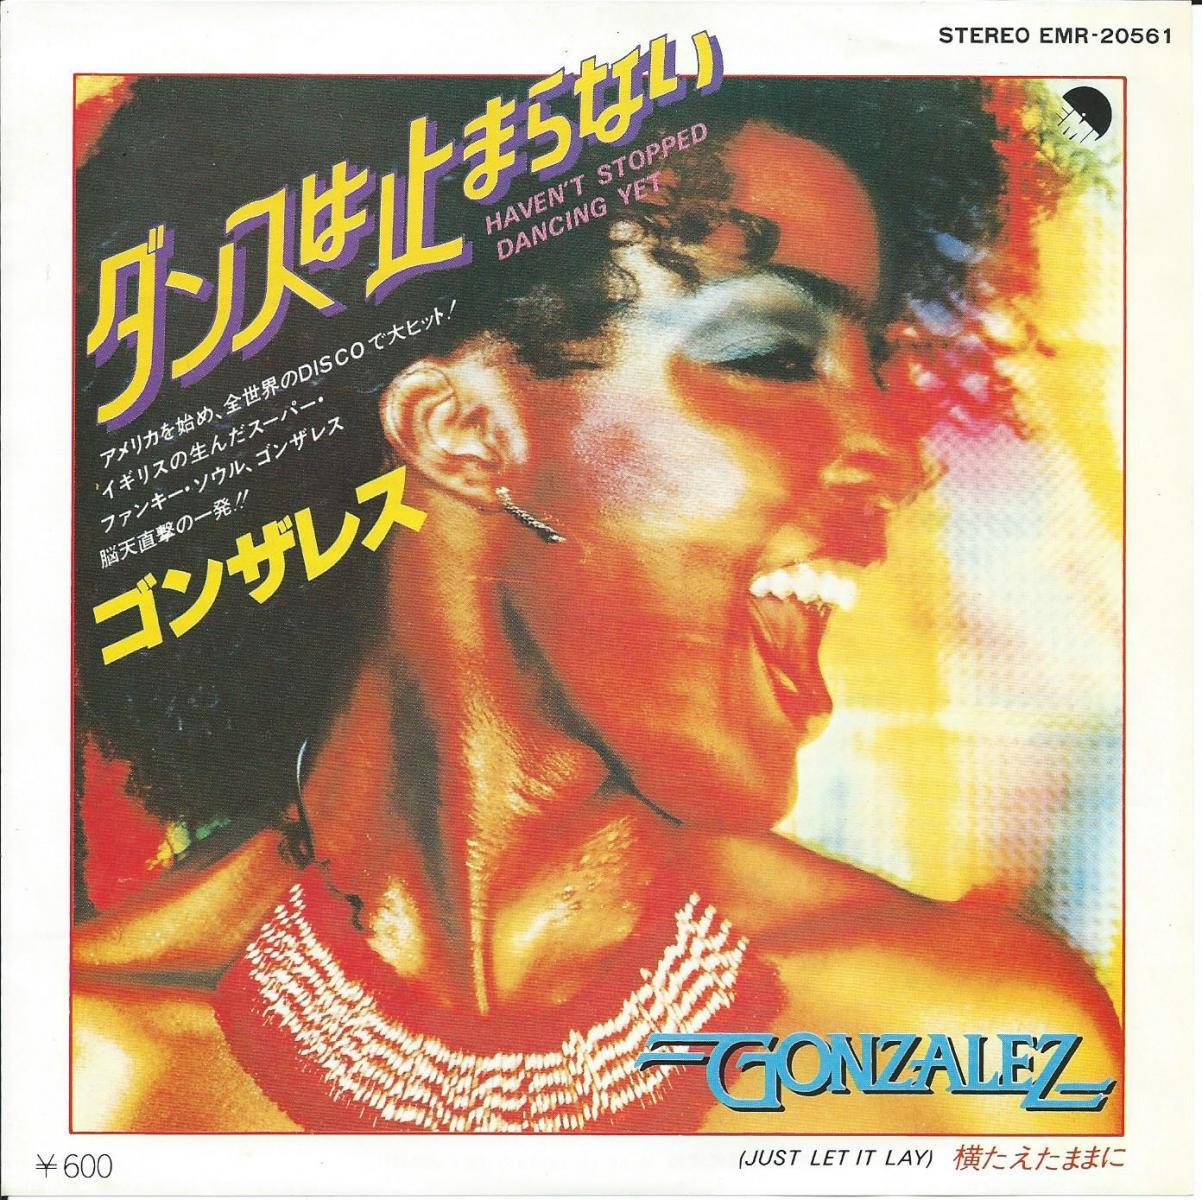 ゴンザレス GONZALEZ / ダンスは止まらない HAVEN'T STOPPED DANCING YET (7